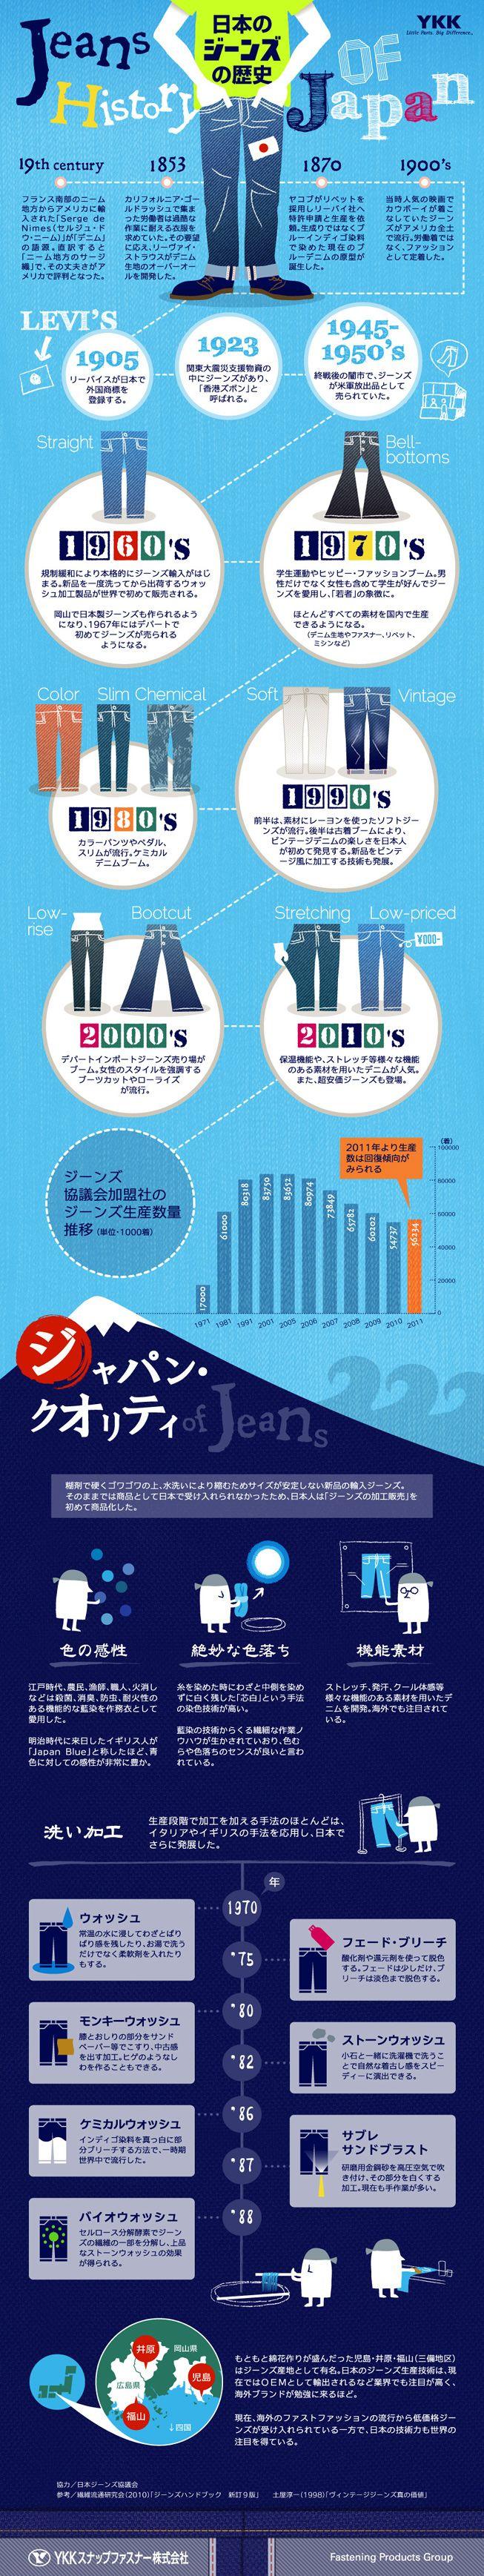 あの時コレが流行った!日本のジーンズの歴史を紐解くインフォグラフィック